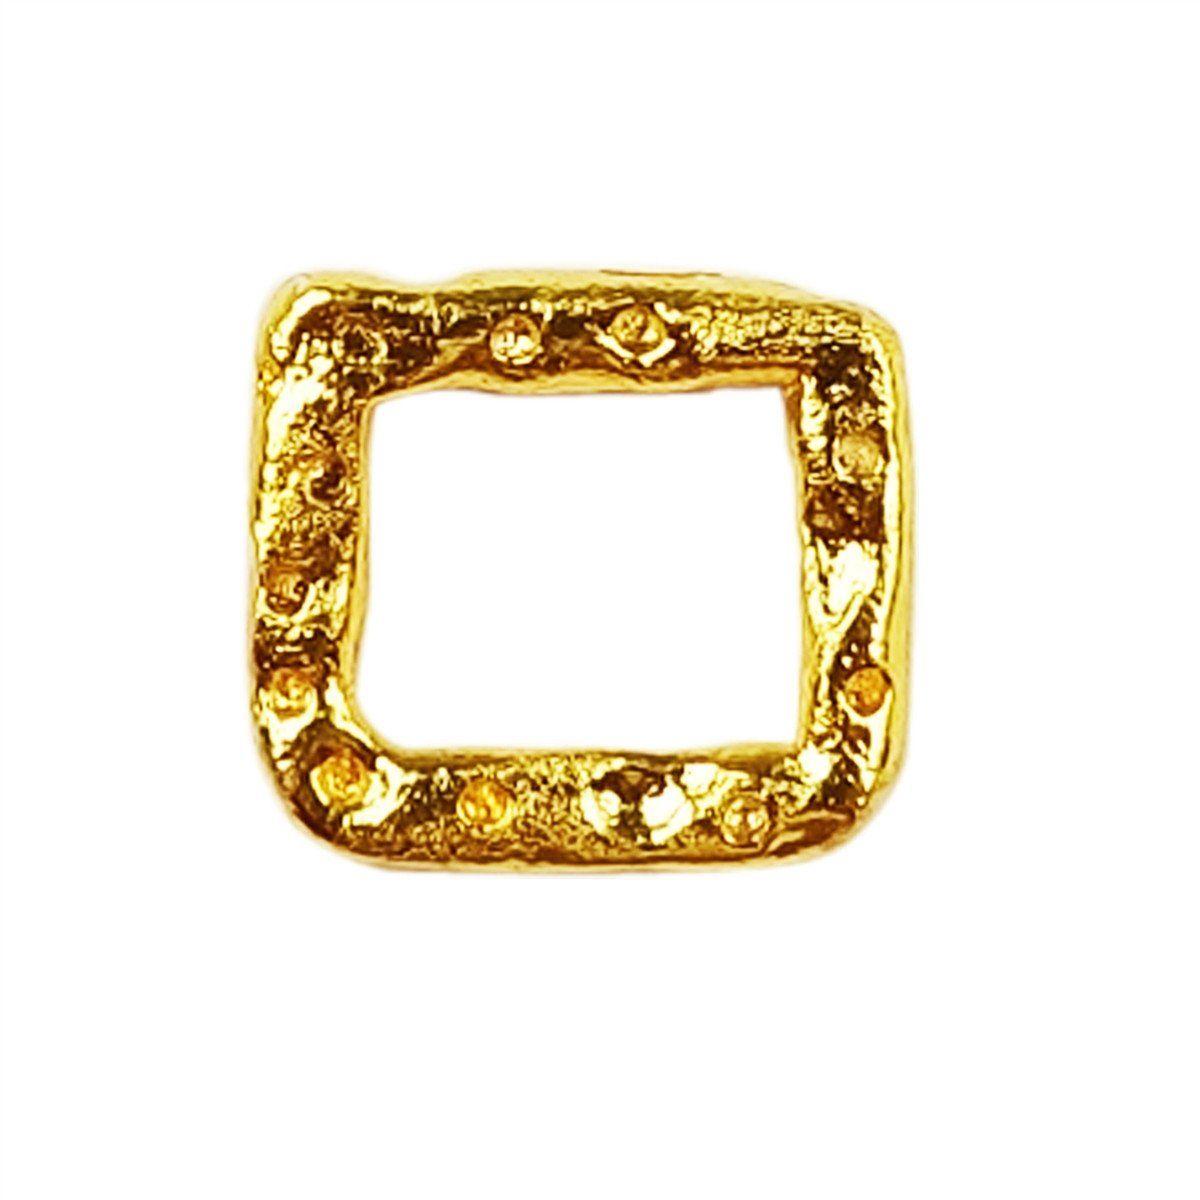 RG-119 18K Gold Overlay Ring Findings